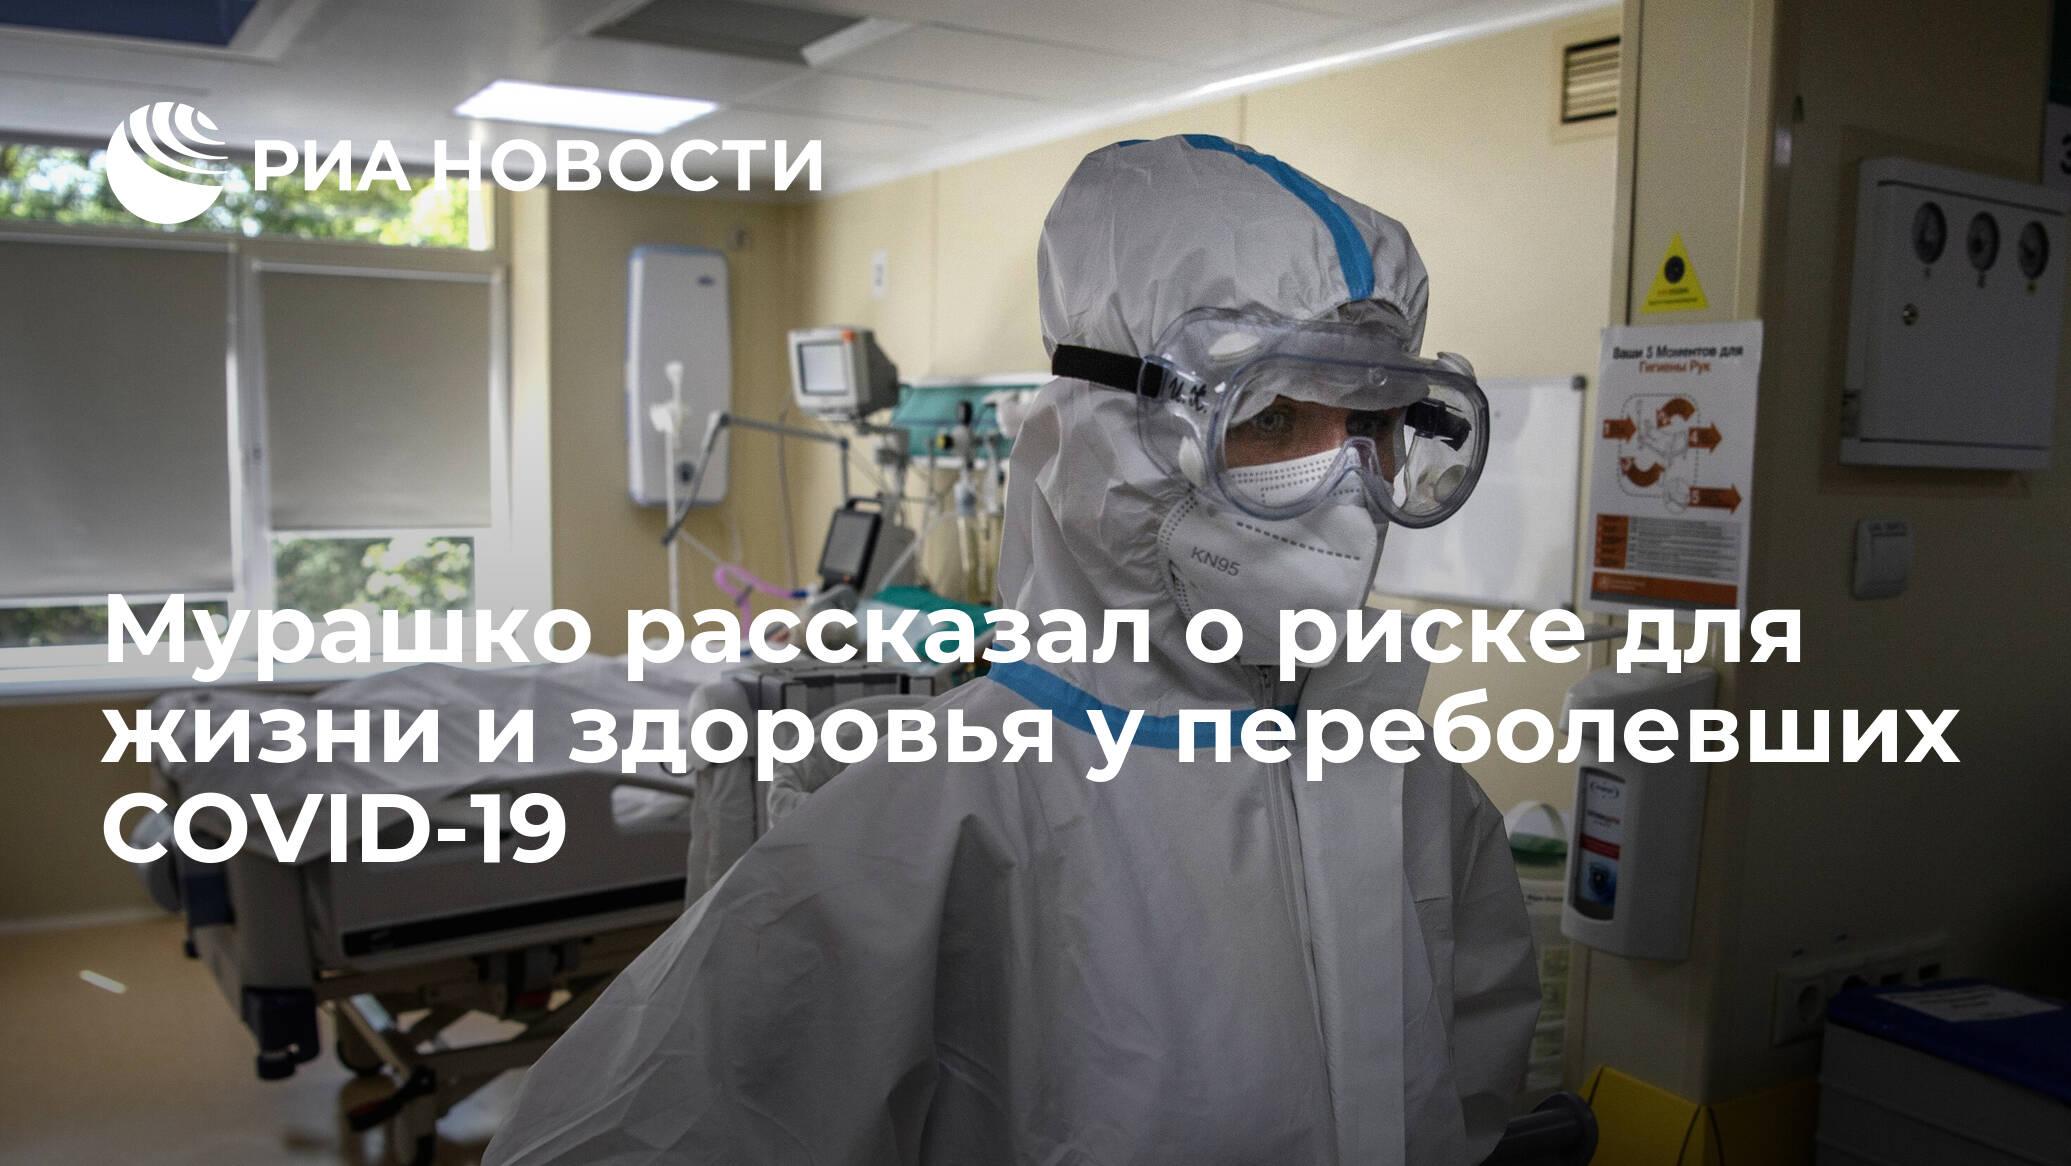 Мурашко рассказал о риске для жизни и здоровья у переболевших COVID-19